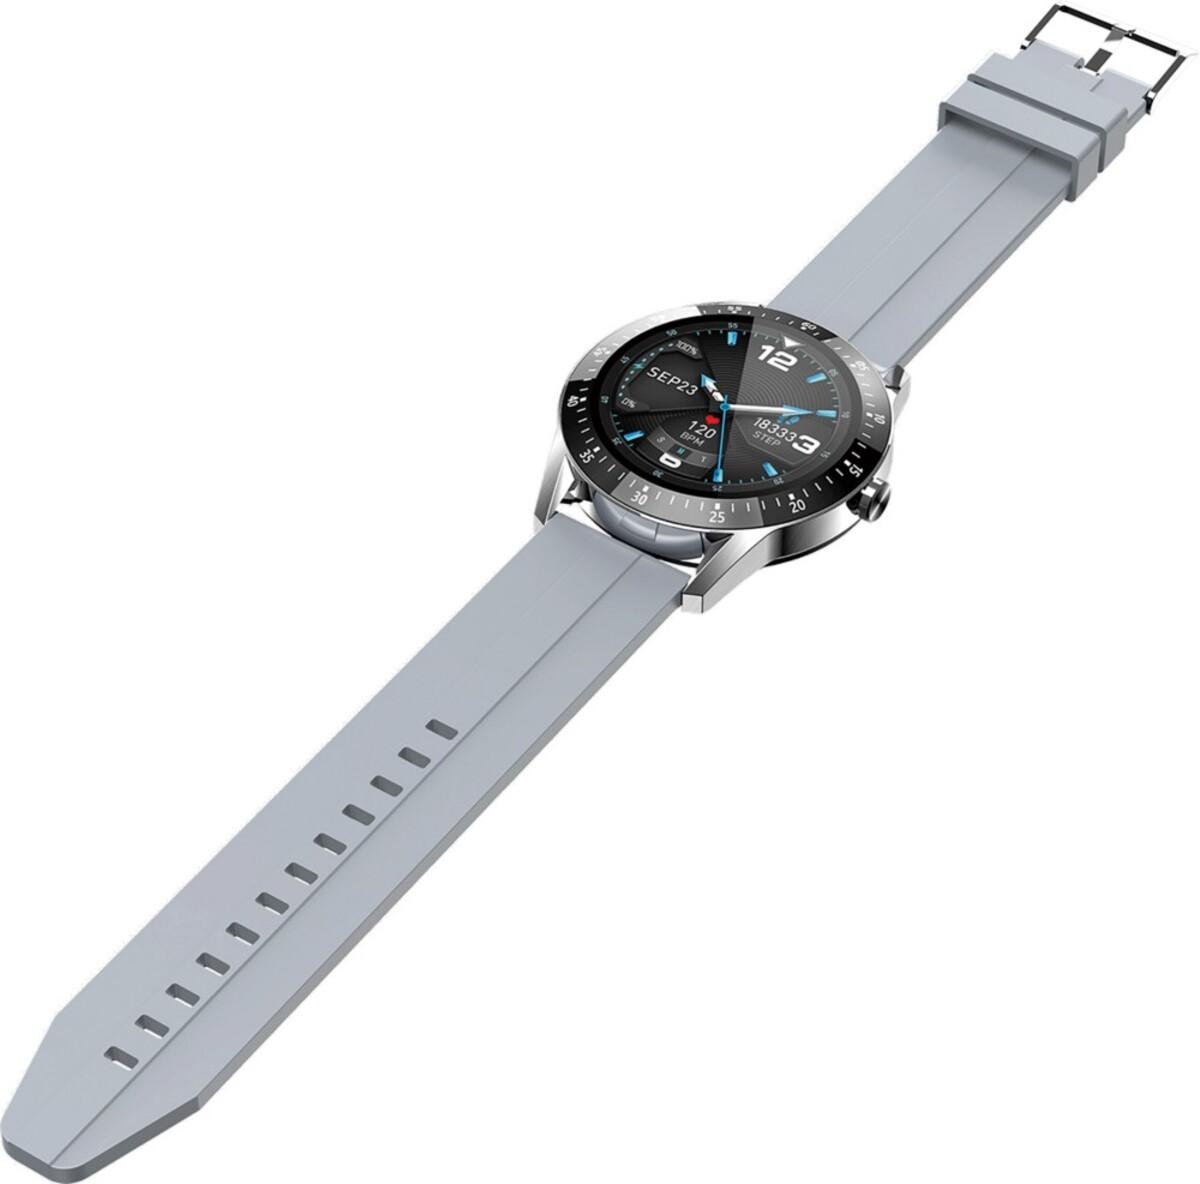 Bild 3 von Jay-Tech Smartwatch SWS11 Silber/Grau